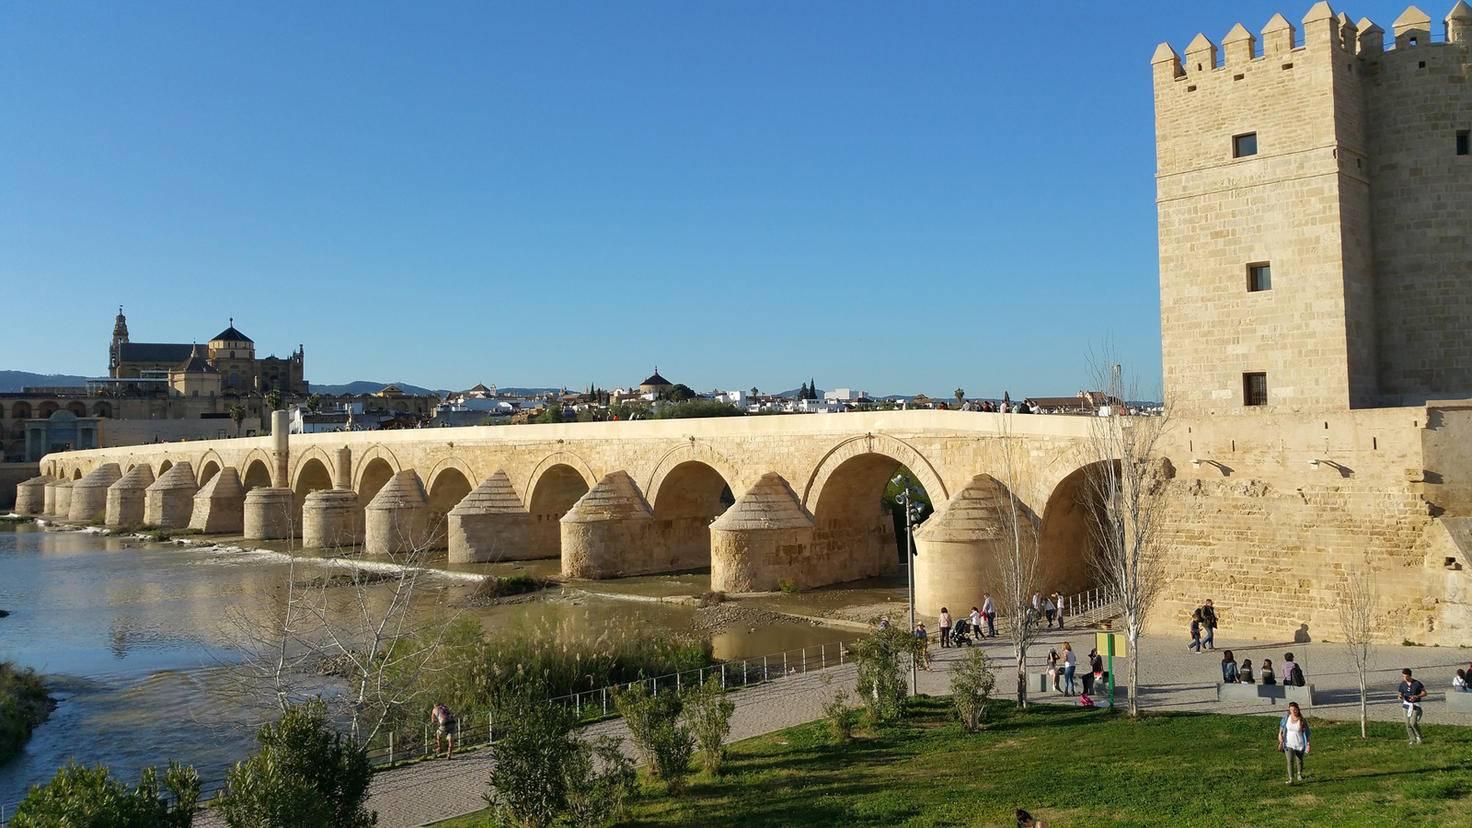 Das ist doch... nicht Volantis, sondern die spanische Stadt Córdoba, die für den Stadtstaat zum Drehort wurde.